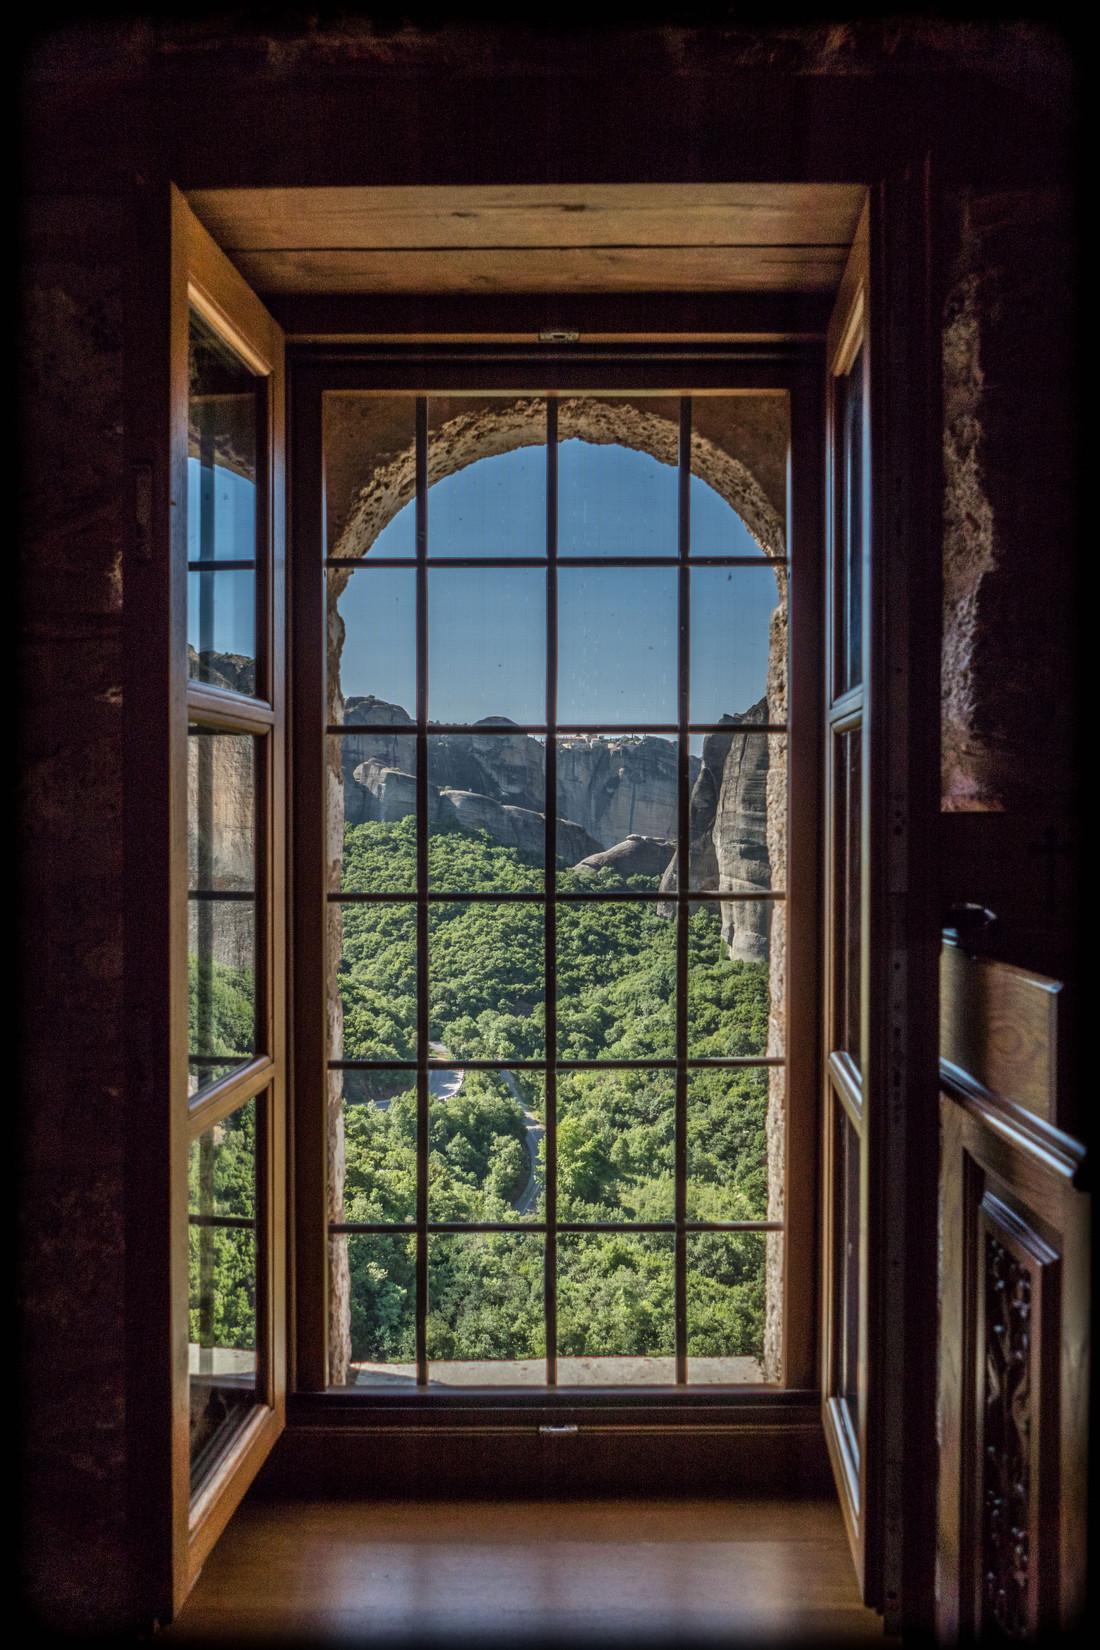 La fenêtre du monastère